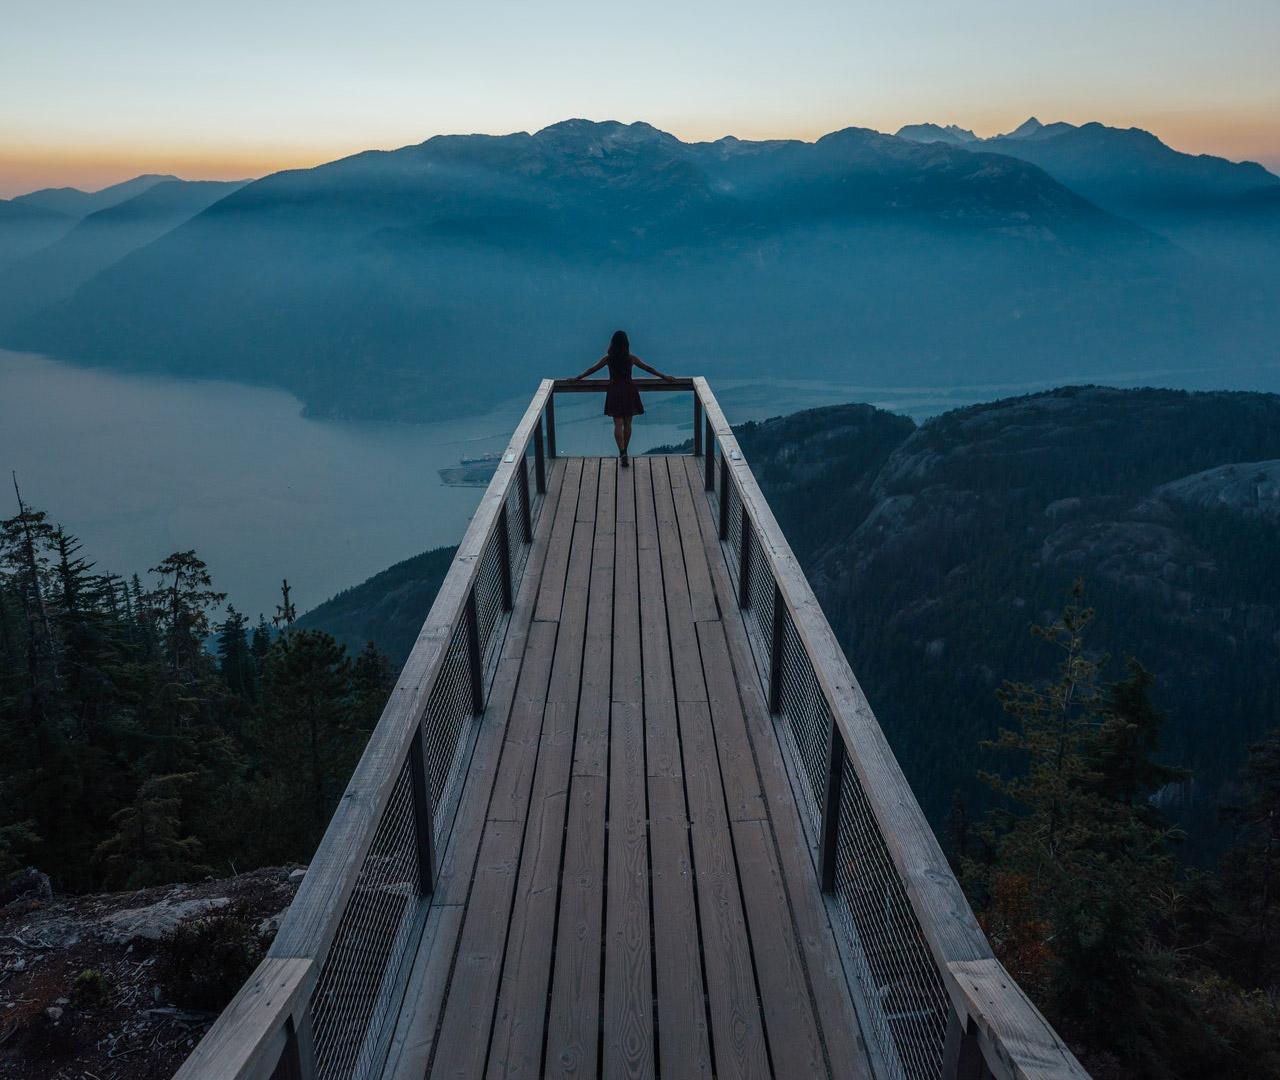 foto di Andy Vu da <a href='https://www.pexels.com/it-it/foto/alba-montagne-cielo-persona-3217936/' target='_blank'>Pexels</a>